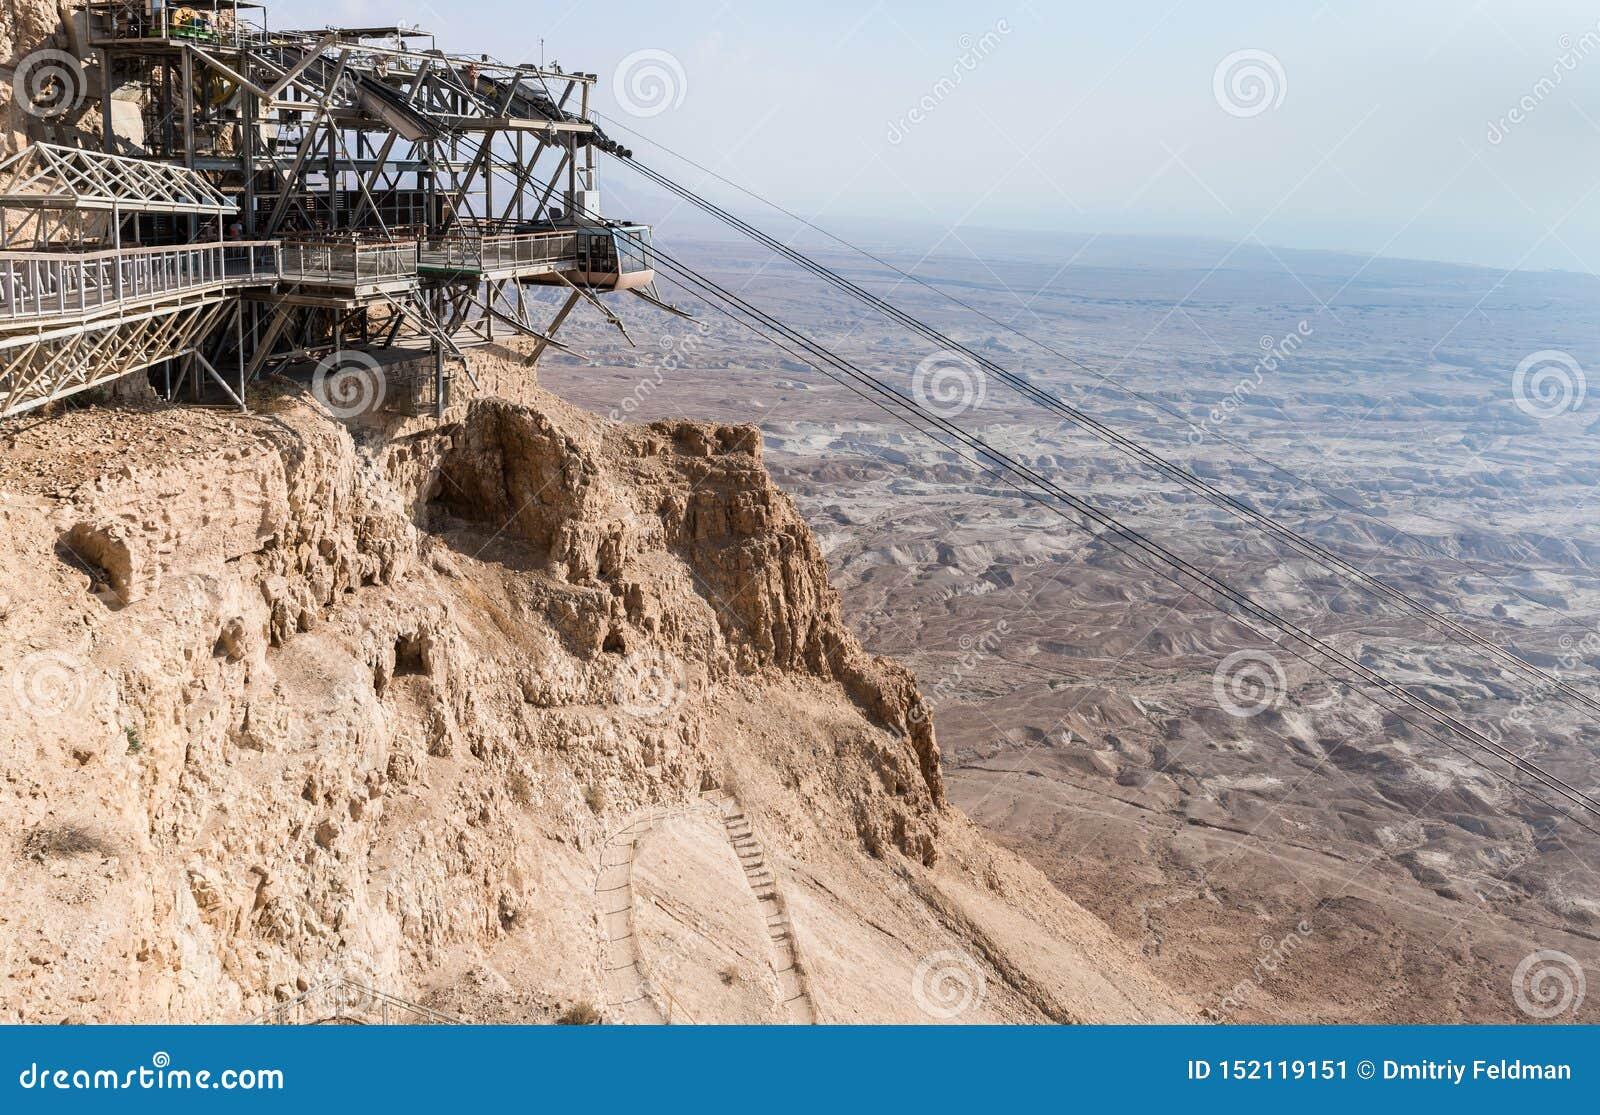 Ο σταθμός τελεφερίκ στο λόφο στο πόδι των καταστροφών του φρουρίου Masada, που χτίζονται σε 25 Π.Χ. από το βασιλιά Herod πάνω από